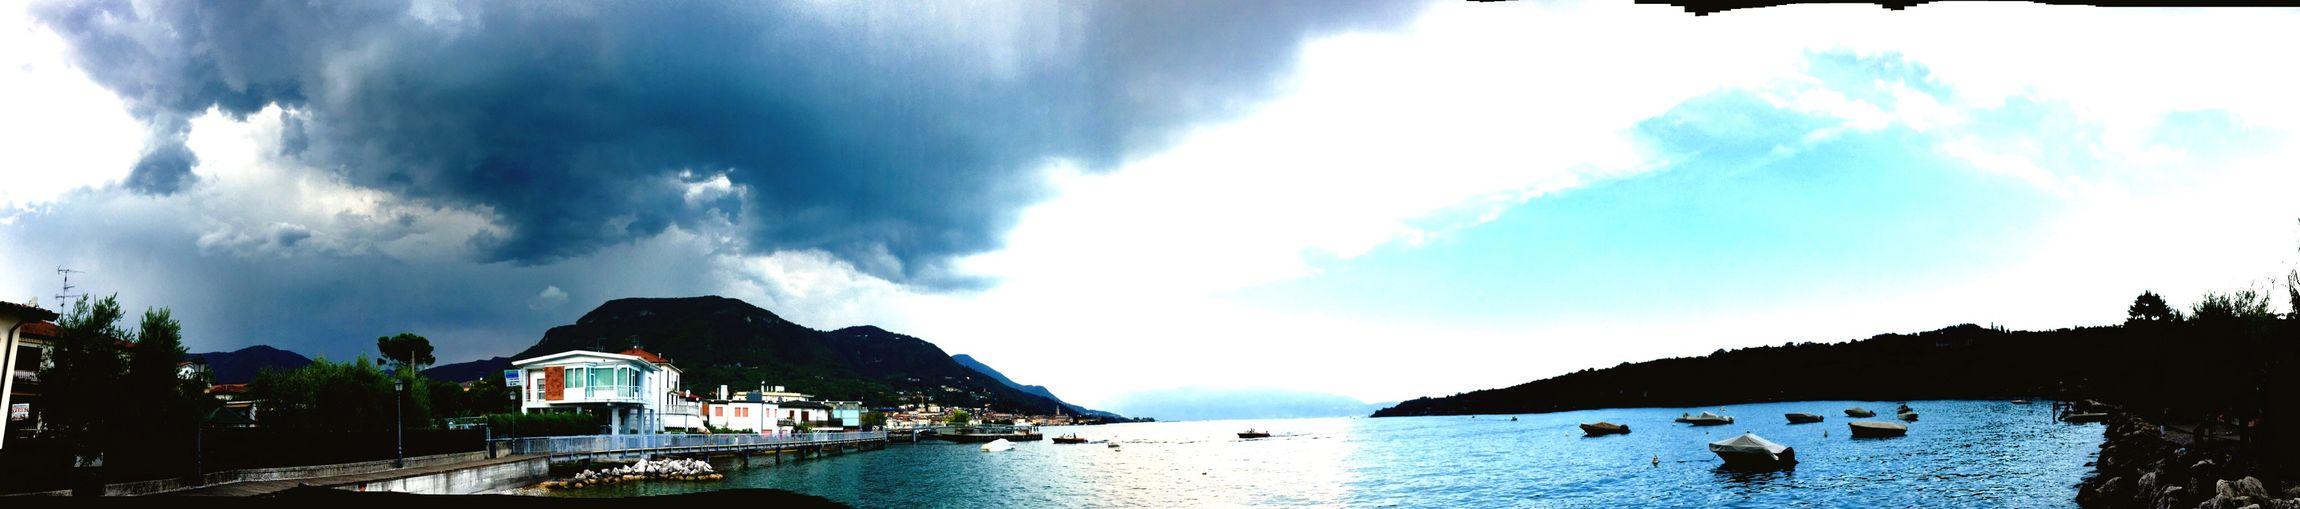 Lake #view